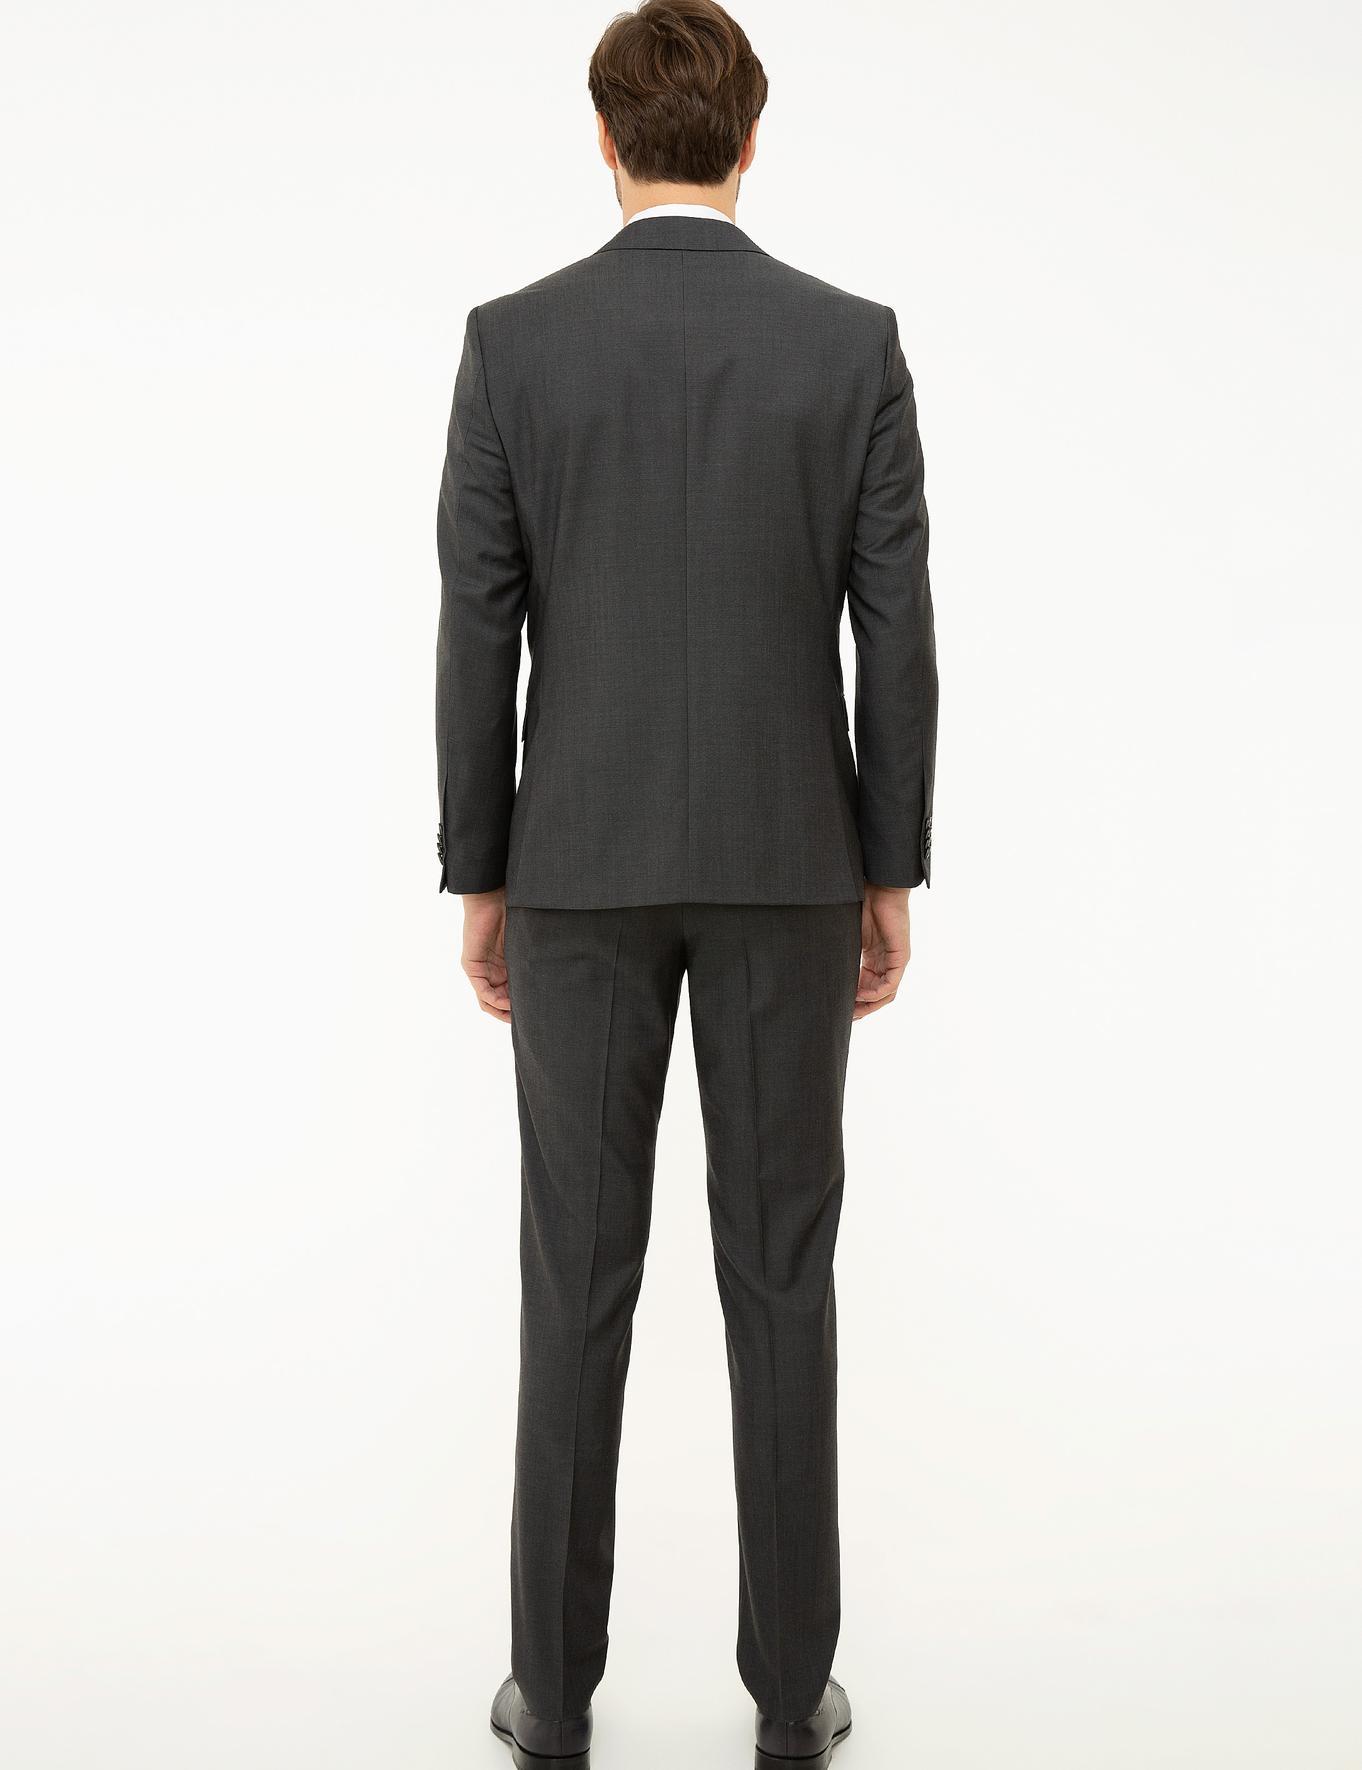 Füme Slim Fit Takım Elbise - 50224971077